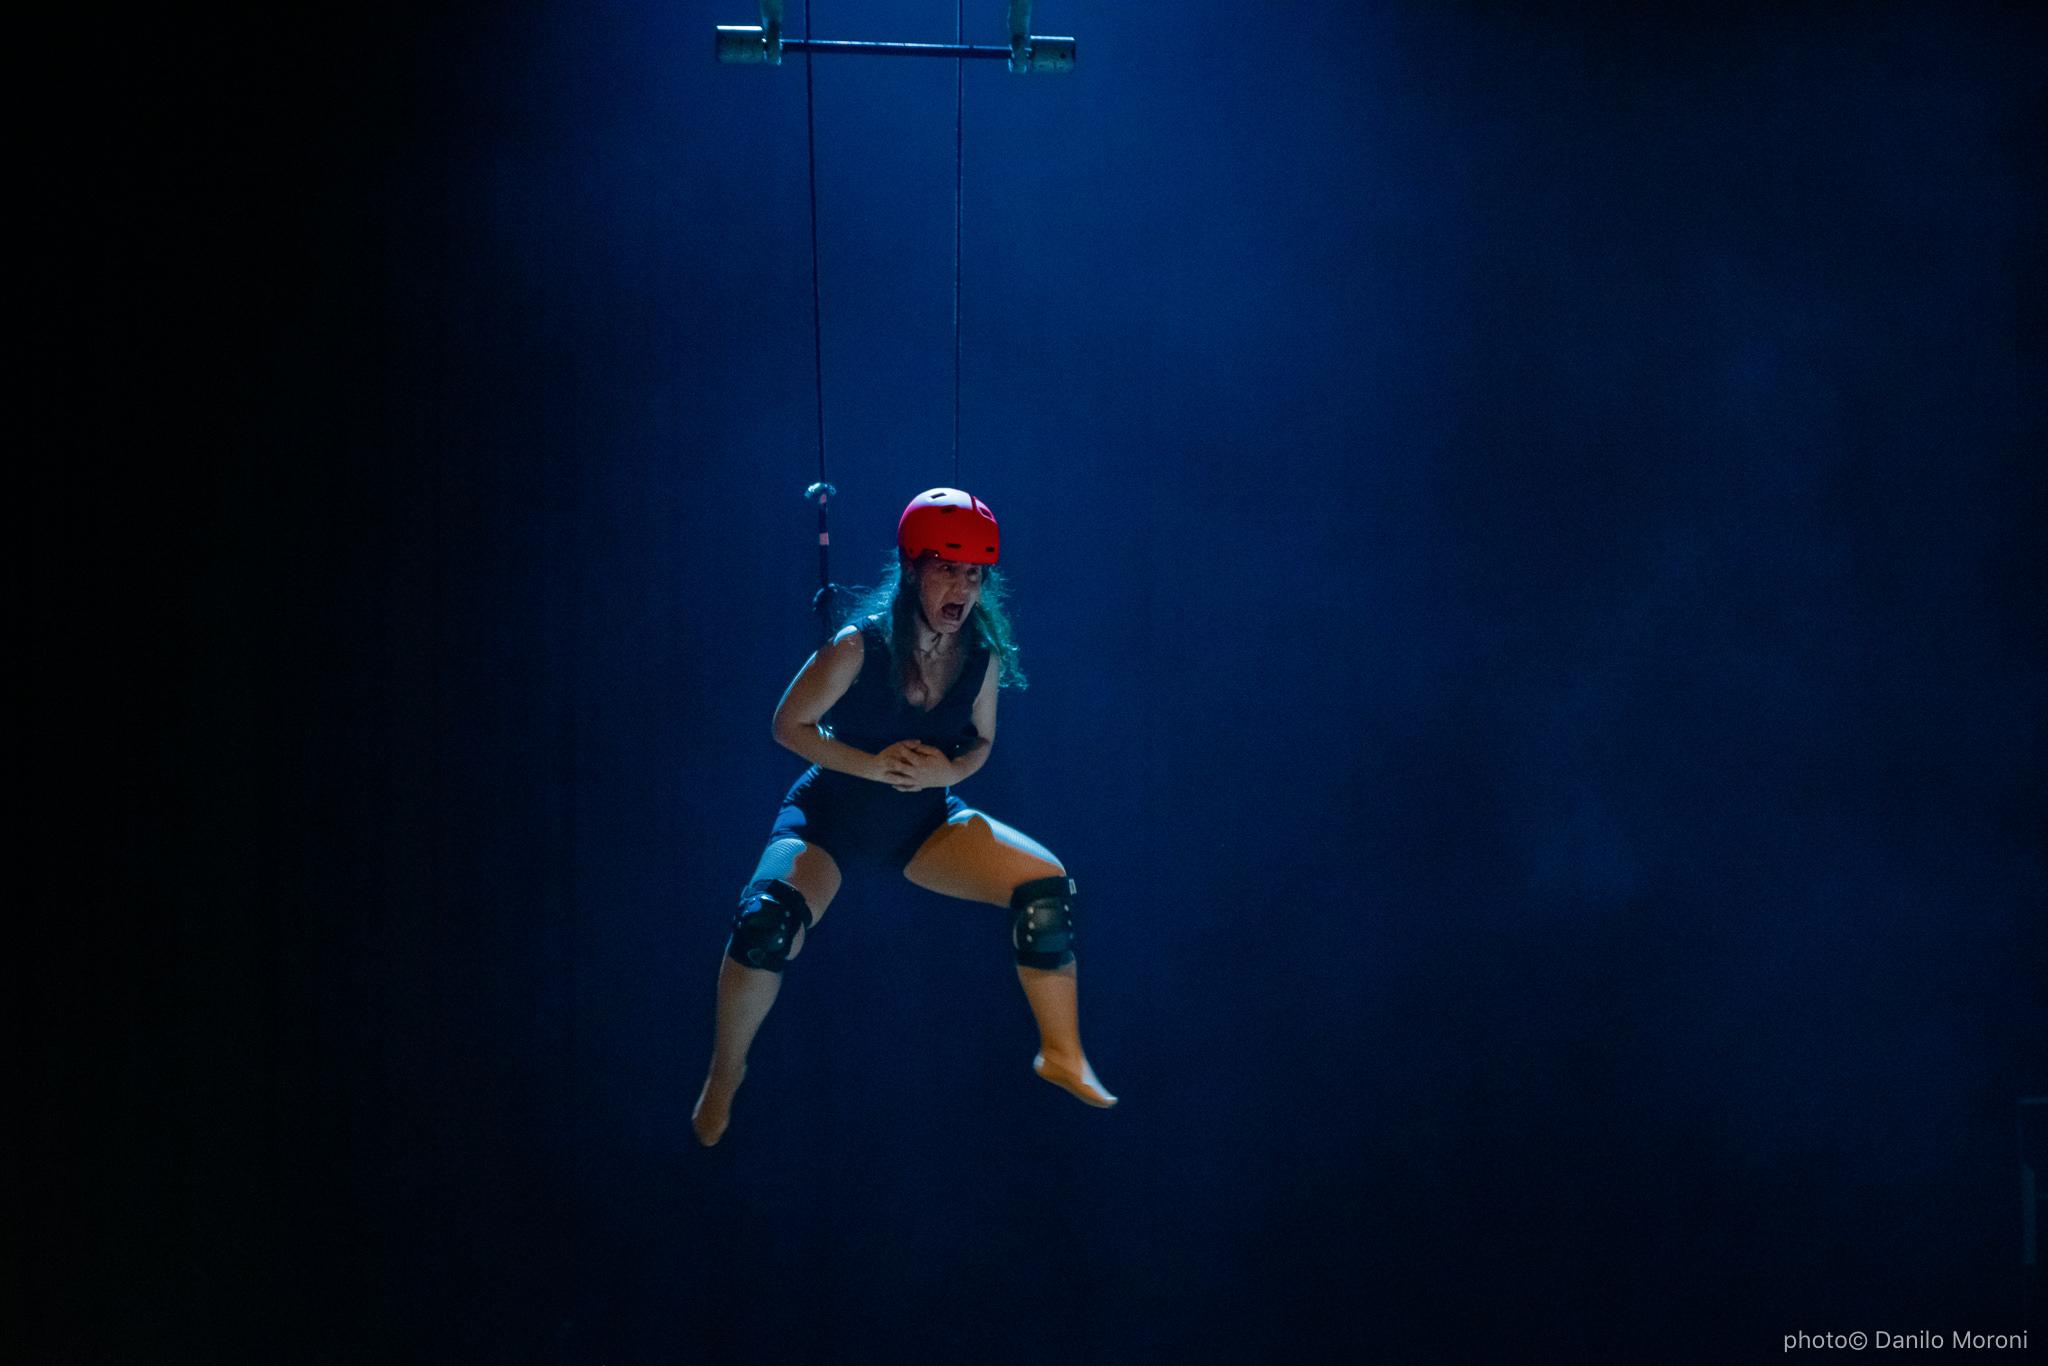 Teatro-en-vilo-Circo-Price-Miss-Mara-photo-Danilo-Moroni-474.jpg